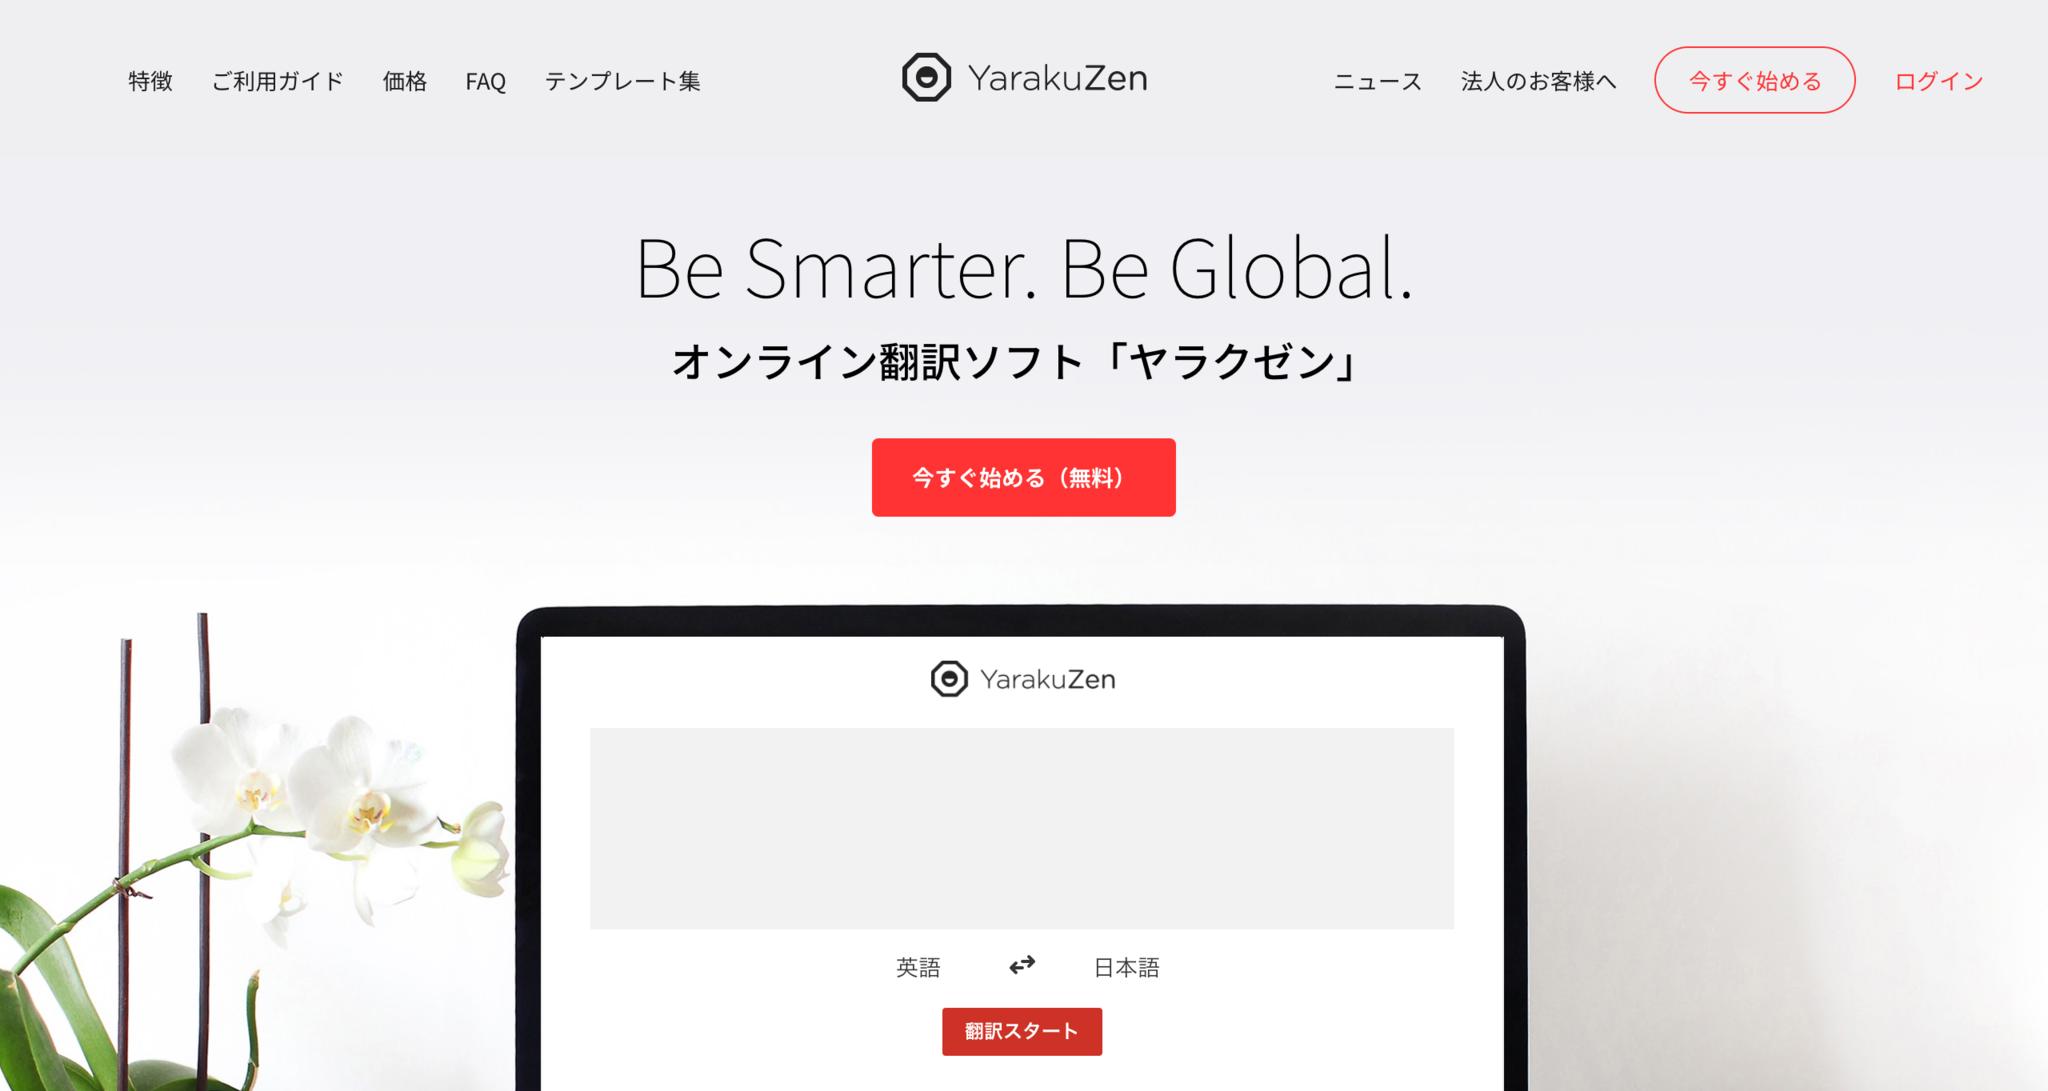 ビジネスをスマートにするオンライン自動翻訳ソフト|ヤラクゼン.png